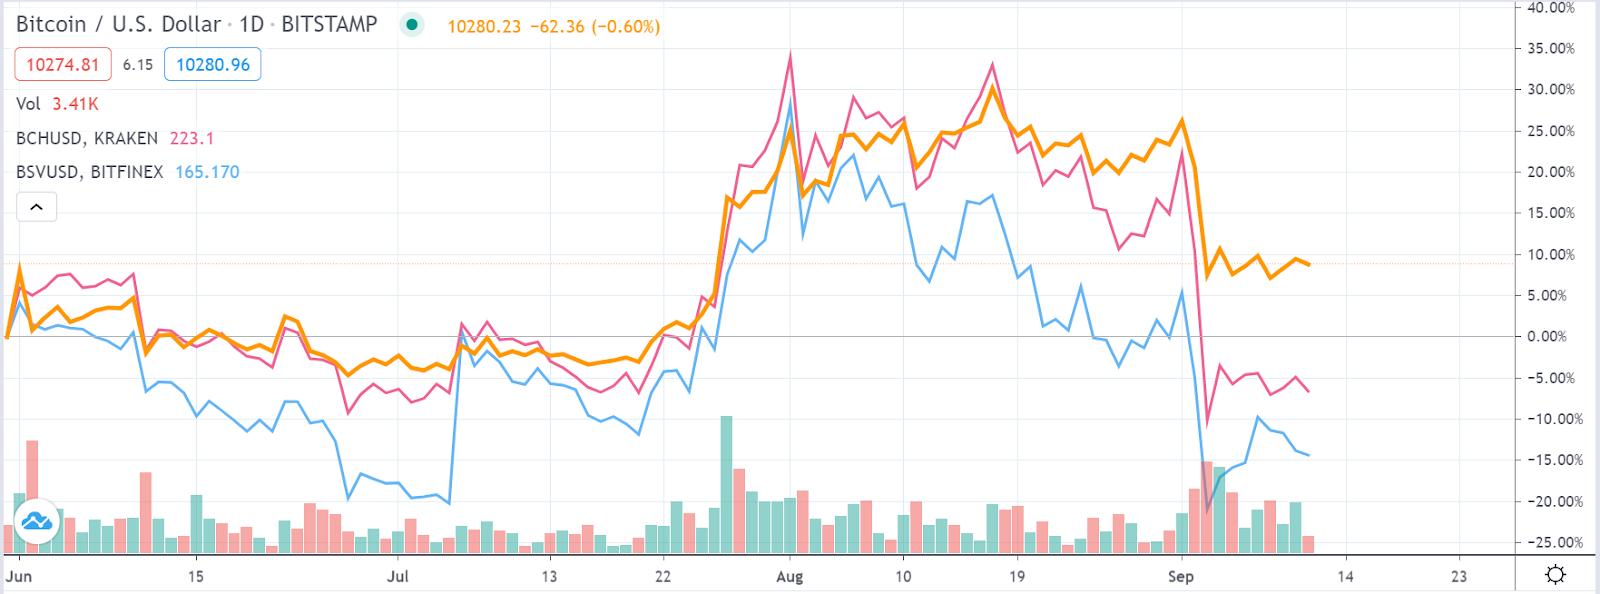 Bitcoin, Bitcoin Cash, Bitcoin SV, Bitcoin Vault price comparison chart